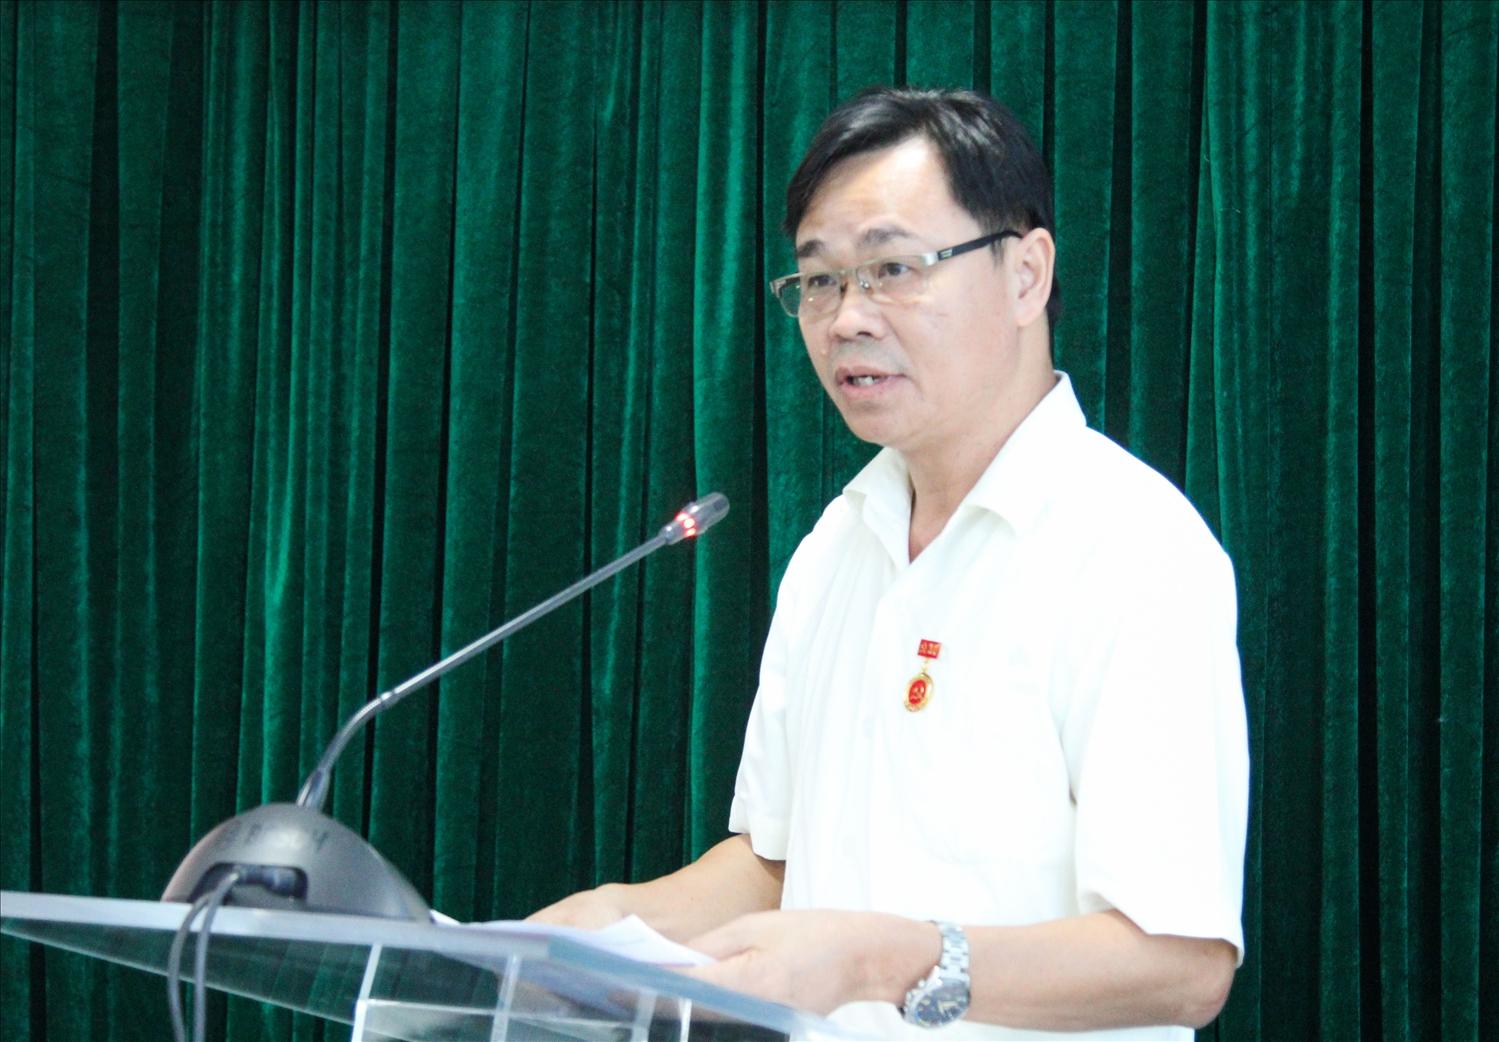 Đồng chí Lưu Xuân Thủy phát biểu tại buổi Lễ